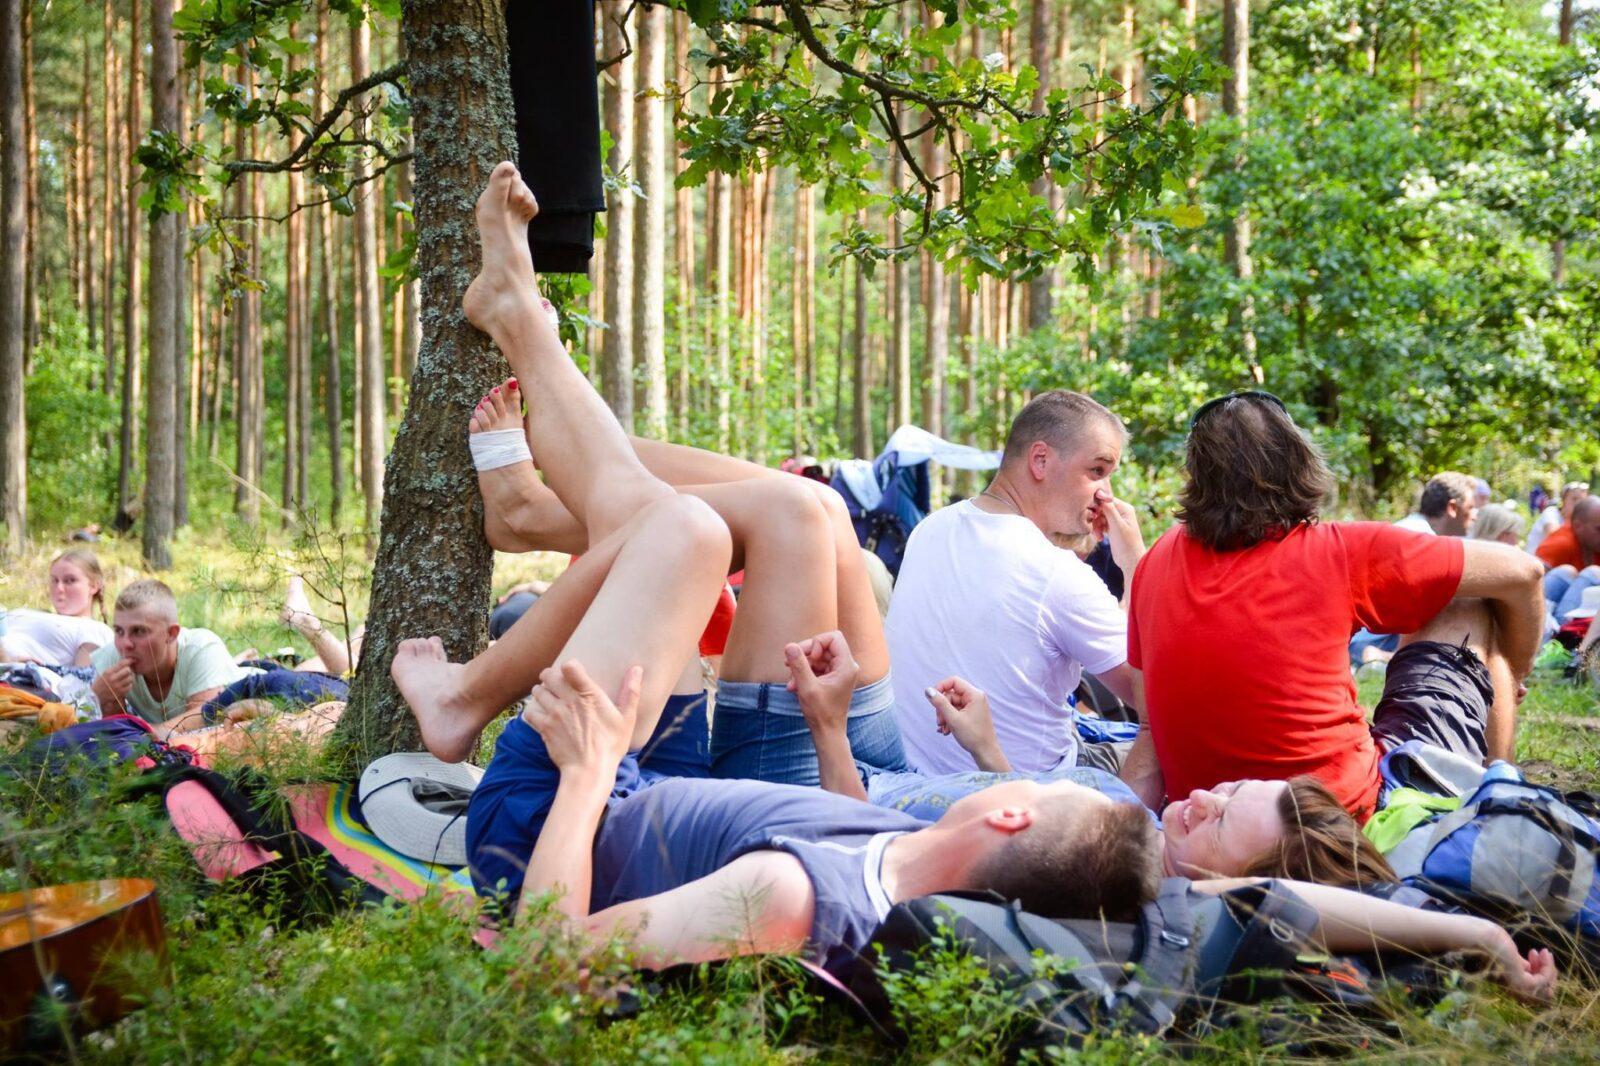 pielgrzymka WAPM postój las pielgrzymi piknik wlesie